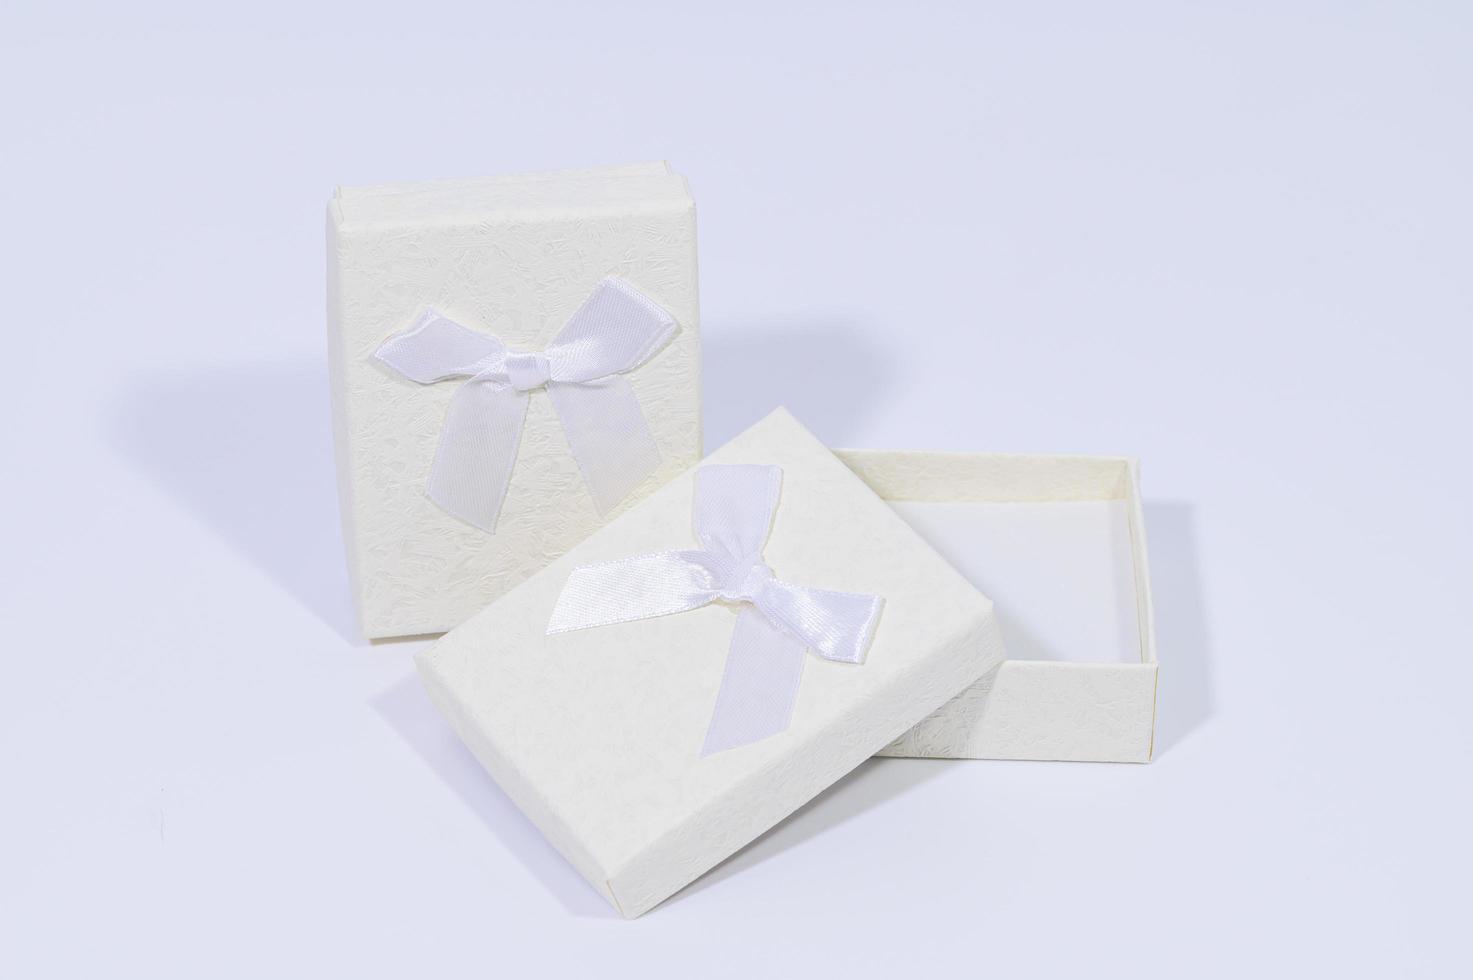 Geschenkboxen auf weißem Hintergrund foto